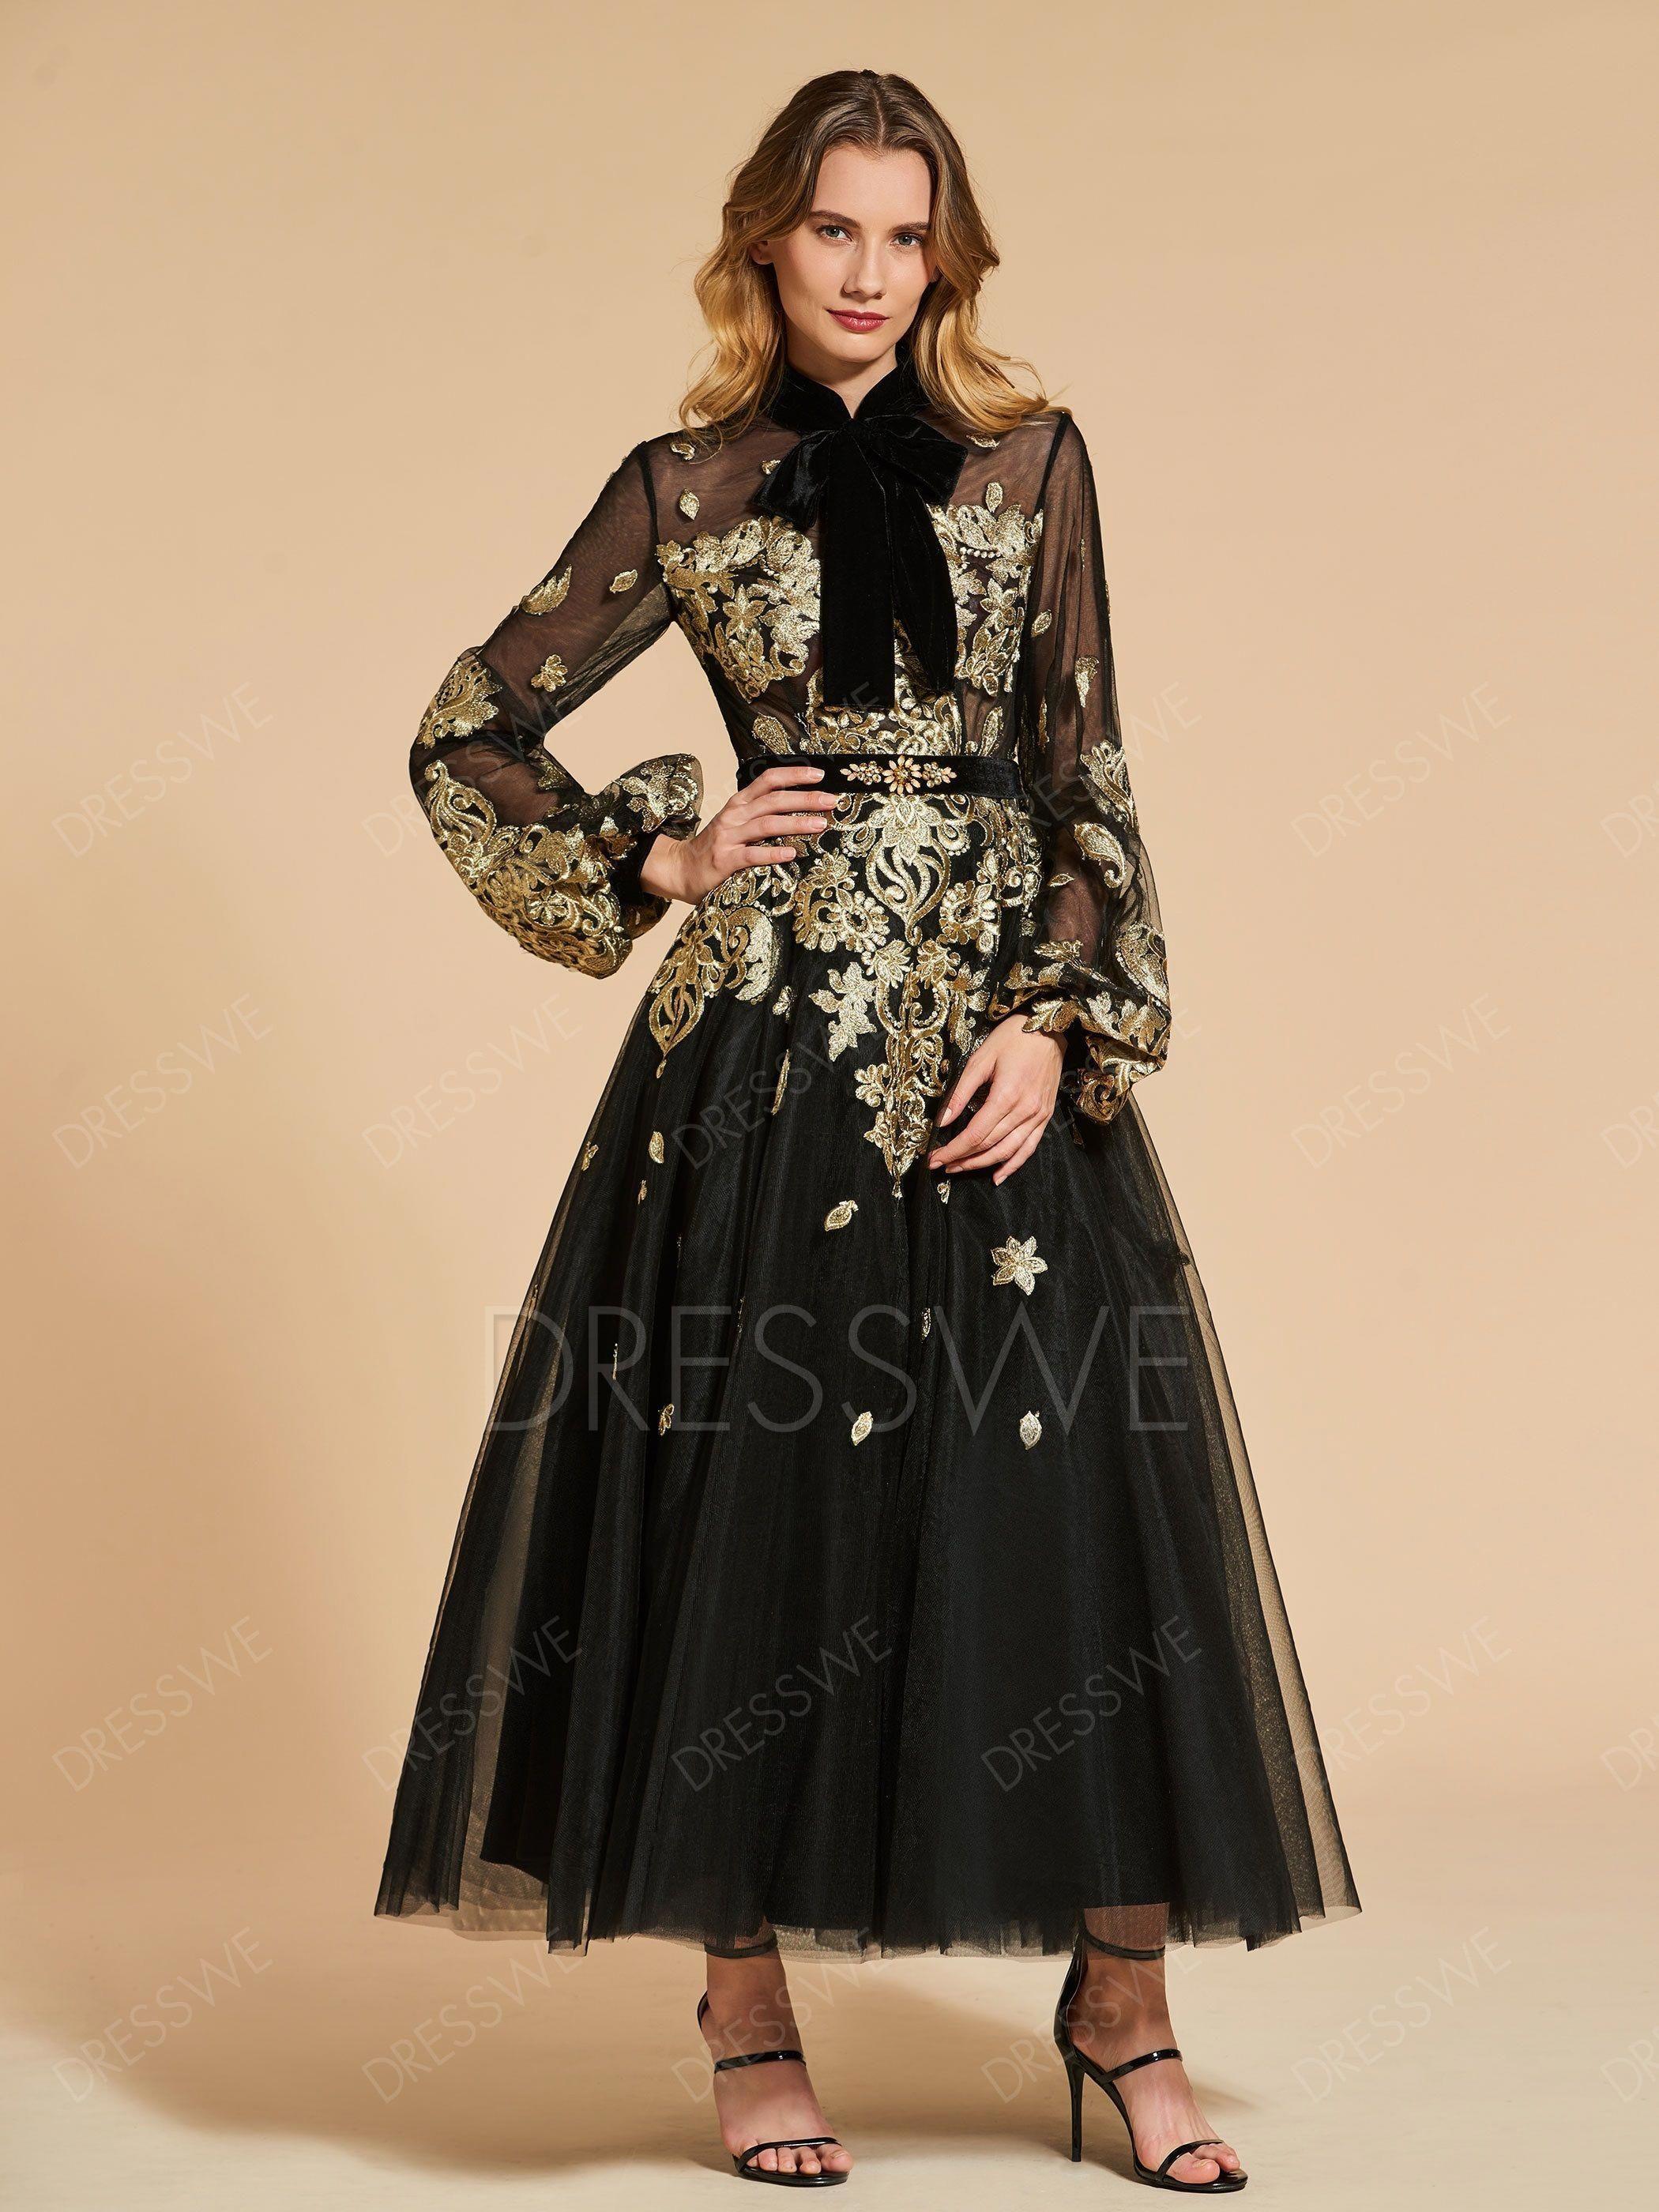 Buy Vintage High Neck Applique Tea Length Evening Dress Online Dresswe Com Offer Hig Ankle Length Evening Dress Evening Dresses Vintage Black Evening Dresses